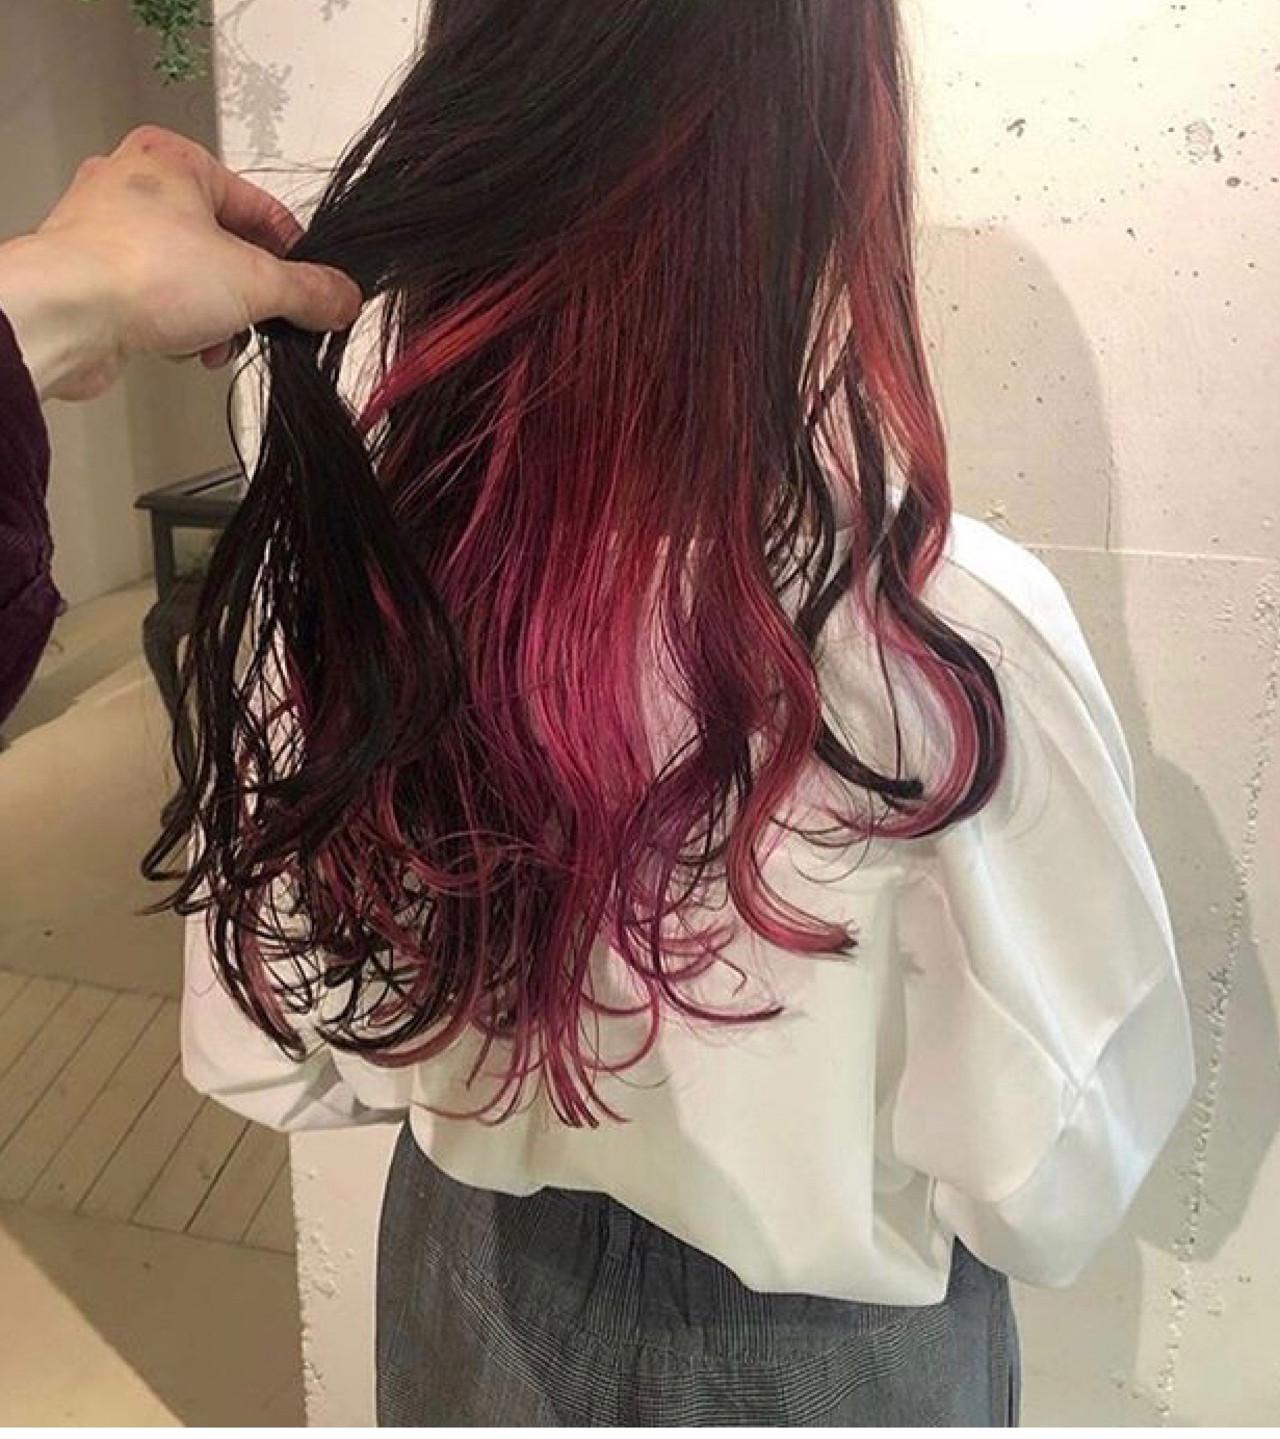 ピンクパープル ブリーチカラー ブリーチ ラズベリーピンク ヘアスタイルや髪型の写真・画像